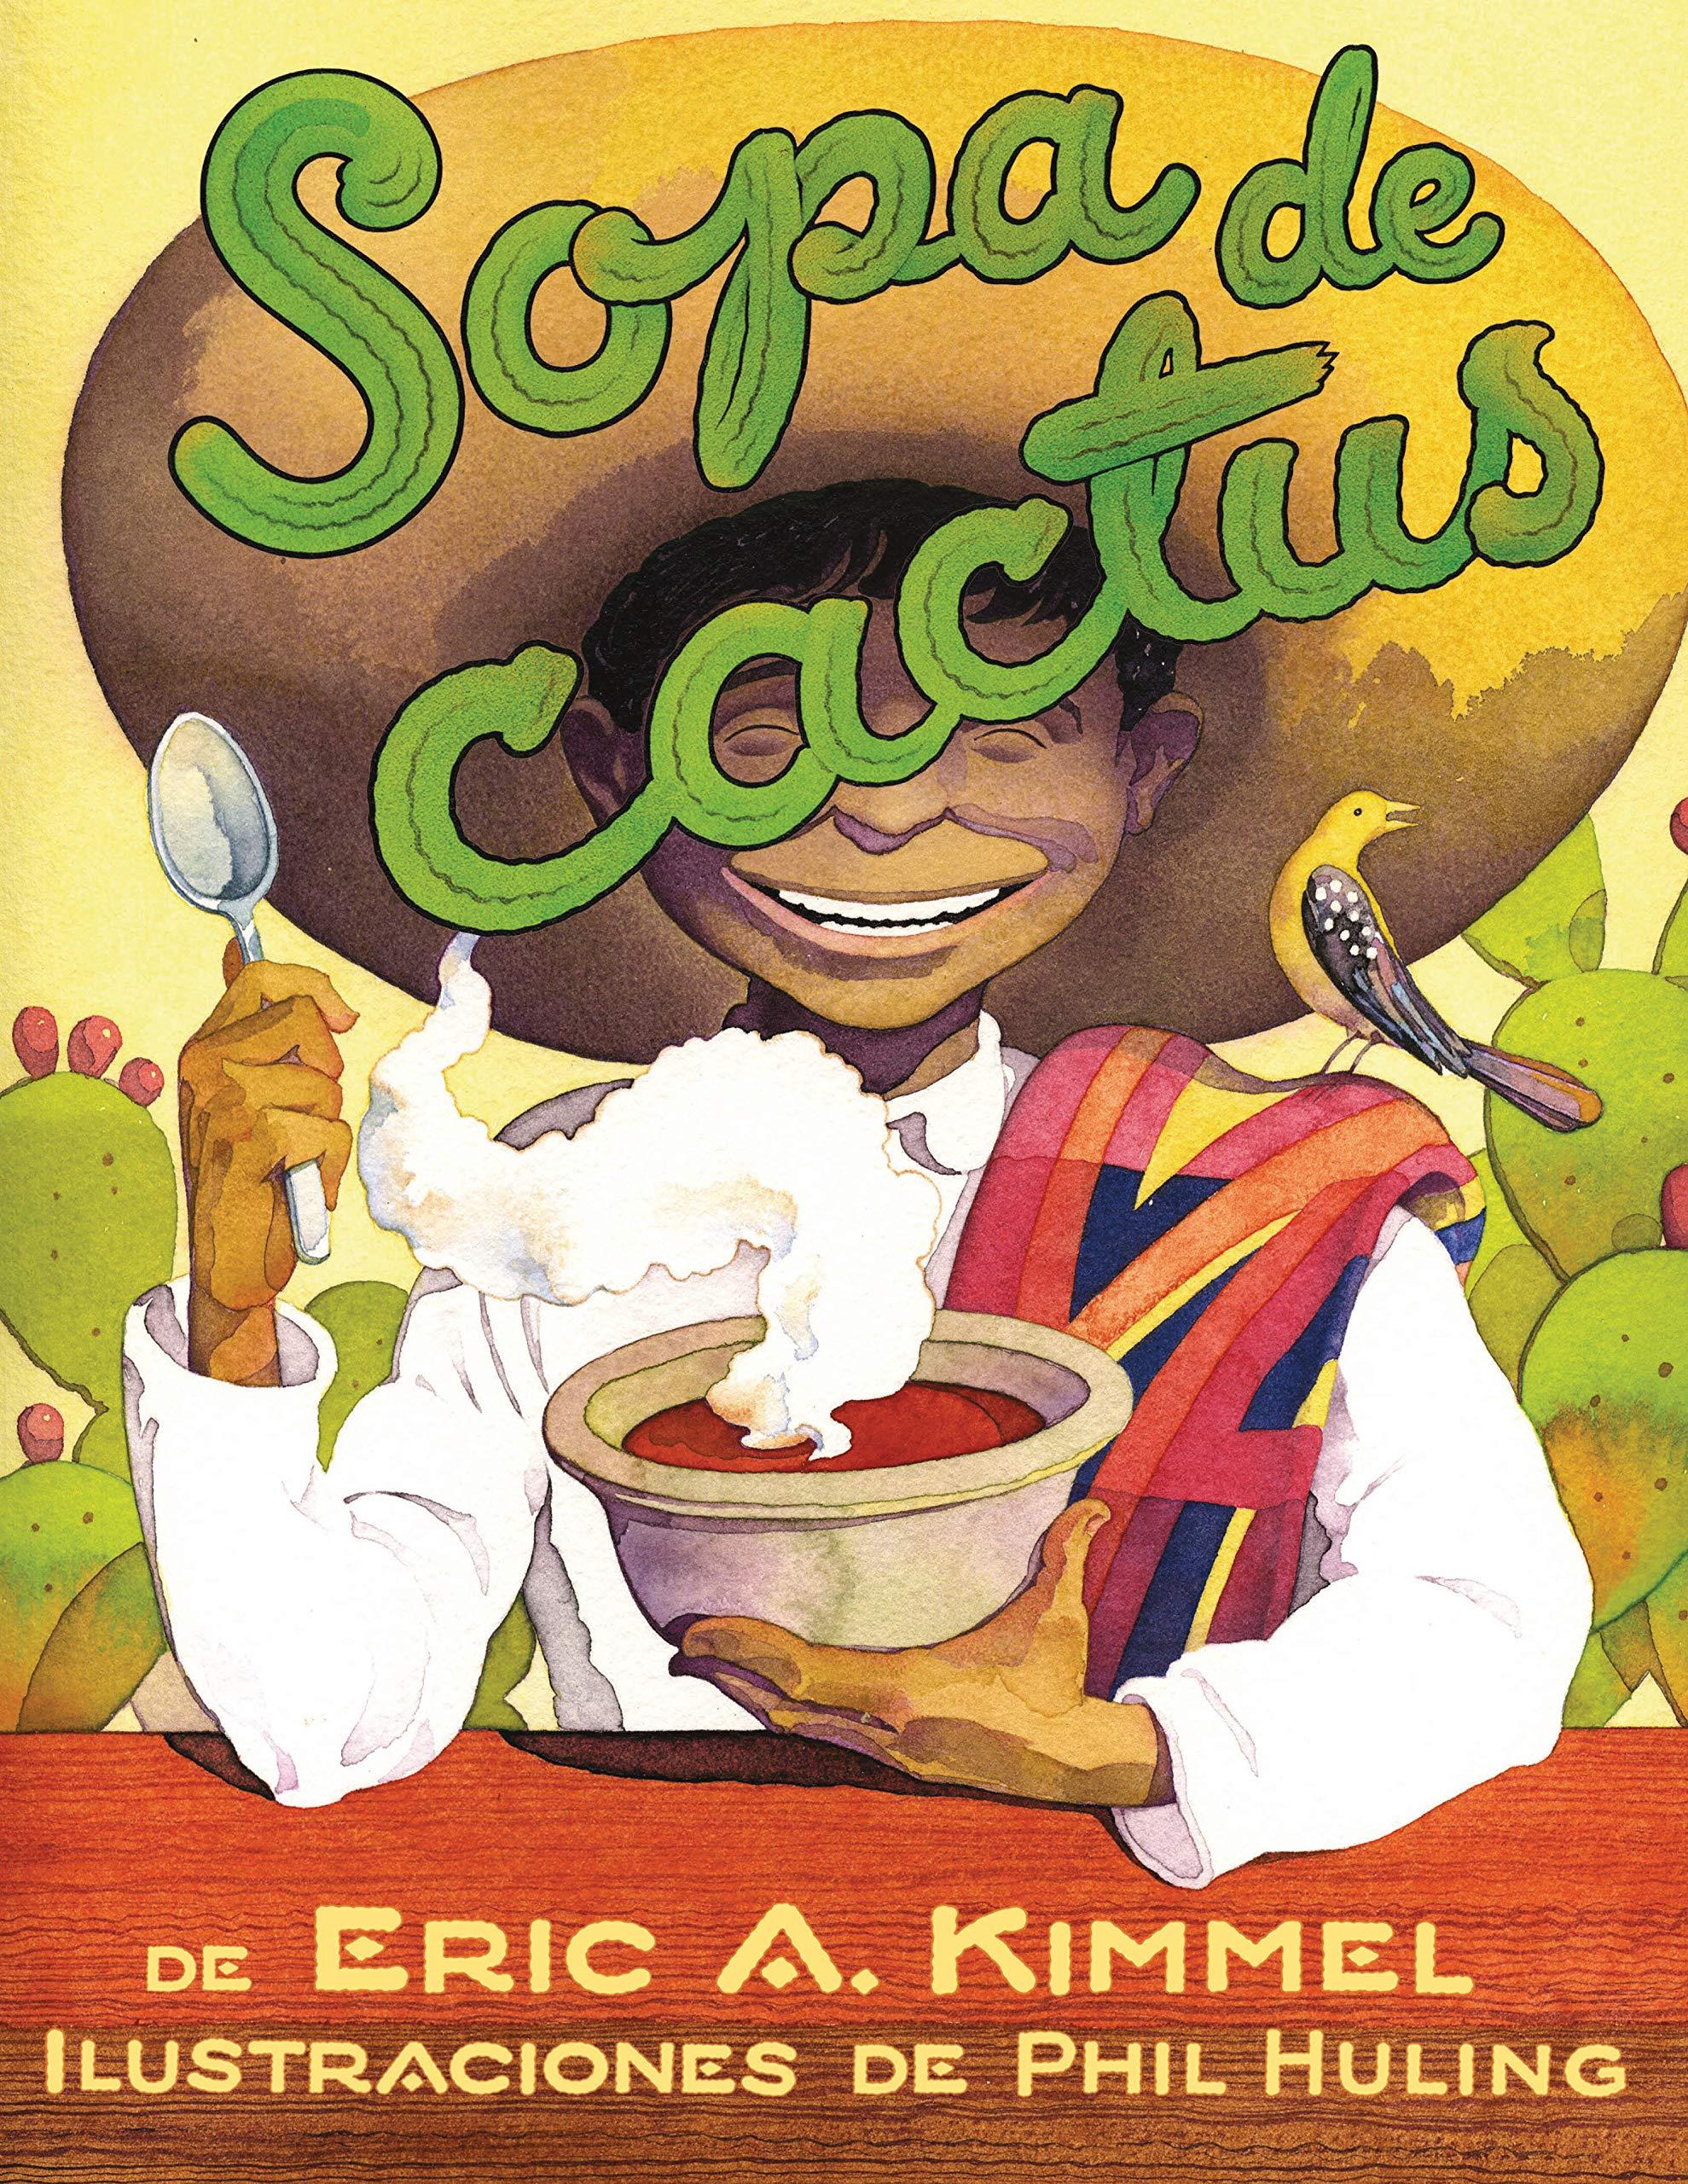 Sopa de cactus